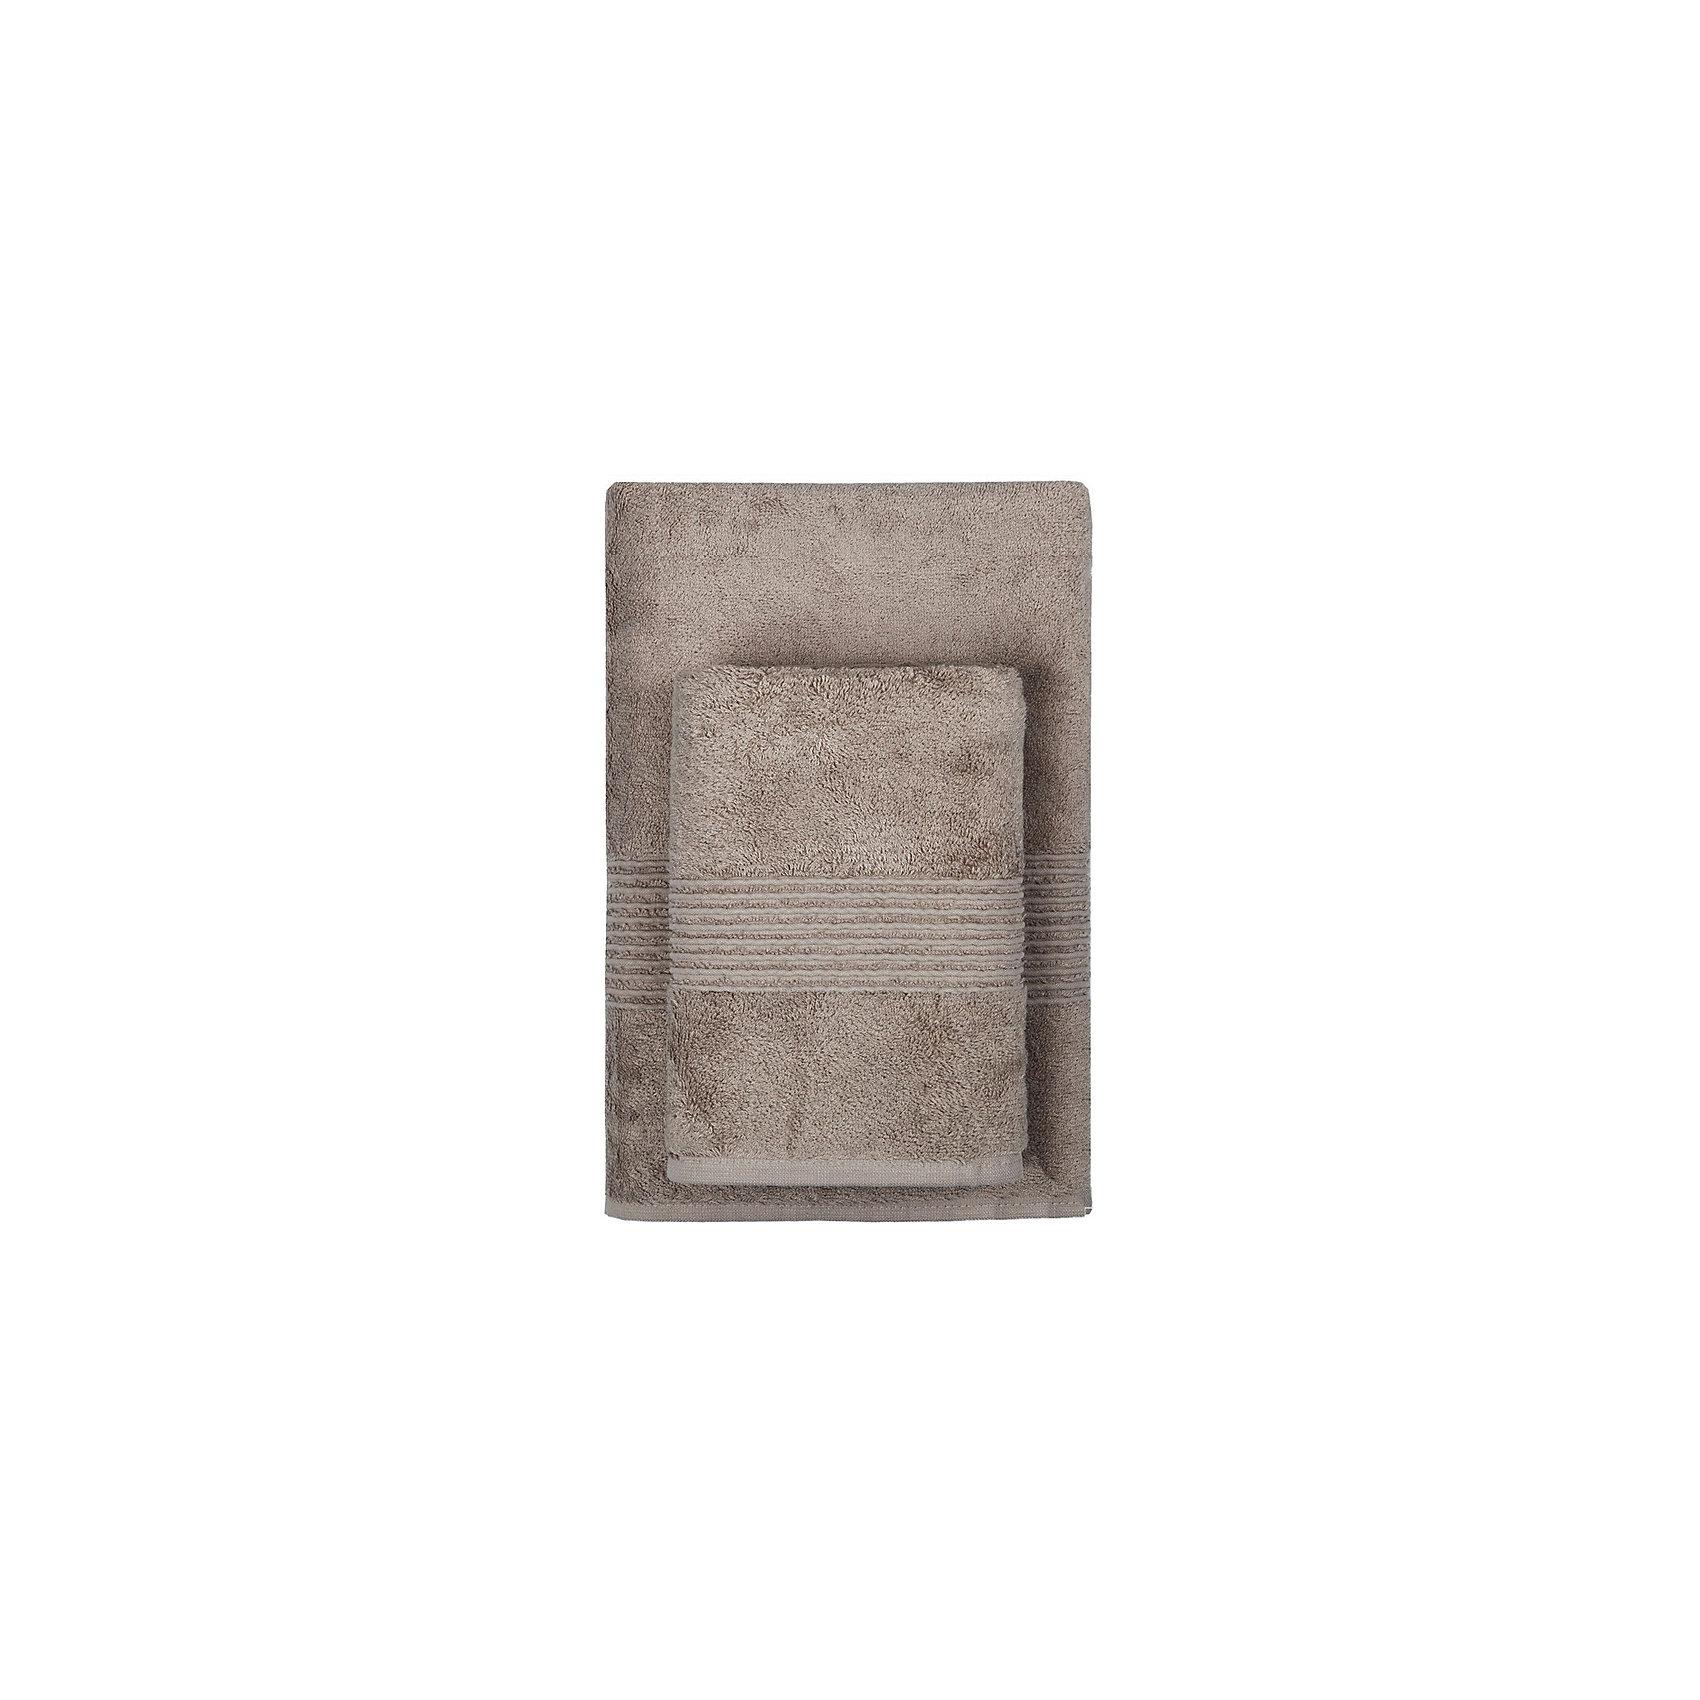 Полотенце махровое Maison Bambu, 70*140, TAC, коричневый (toprak)Ванная комната<br>Характеристики:<br><br>• Вид домашнего текстиля: махровое полотенце<br>• Размеры полотенца: 70*140 см<br>• Рисунок: без рисунка<br>• Декоративные элементы: бордюр<br>• Материал: хлопок, 50% хлопок; бамбук, 50%<br>• Цвет: коричневый<br>• Плотность полотна: 550 гр/м2 <br>• Вес: 550 г<br>• Размеры упаковки (Д*Ш*В): 37*5*25 см<br>• Особенности ухода: машинная стирка <br><br>Полотенце махровое Maison Bambu, 70*140, TAC, коричневый (toprak) от наиболее популярного бренда на отечественном рынке среди производителей комплектов постельного белья и текстильных принадлежностей, выпуском которого занимается производственная компания, являющаяся частью мирового холдинга Zorlu Holding Textiles Group. Полотенце выполнено из сочетания натурального хлопка и бамбукового волокна, что обеспечивает гипоаллергенность, высокую износоустойчивость, повышенные гигкоскопические и антибактериальные свойства изделия. <br><br>Благодаря высокой степени плотности махры, полотенце отлично впитывает влагу, но при этом остается мягким. Ворс окрашен стойкими нетоксичными красителями, который не оставляет запаха и обеспечивает ровный окрас. Полотенце сохраняет свой цвет и форму даже при частых стирках. Выполнено в коричневом цвете без рисунка, декорировано бордюром.<br><br>Полотенце махровое Maison Bambu, 70*140, TAC, коричневый (toprak) можно купить в нашем интернет-магазине.<br><br>Ширина мм: 250<br>Глубина мм: 30<br>Высота мм: 350<br>Вес г: 500<br>Возраст от месяцев: 216<br>Возраст до месяцев: 1188<br>Пол: Унисекс<br>Возраст: Детский<br>SKU: 5476330